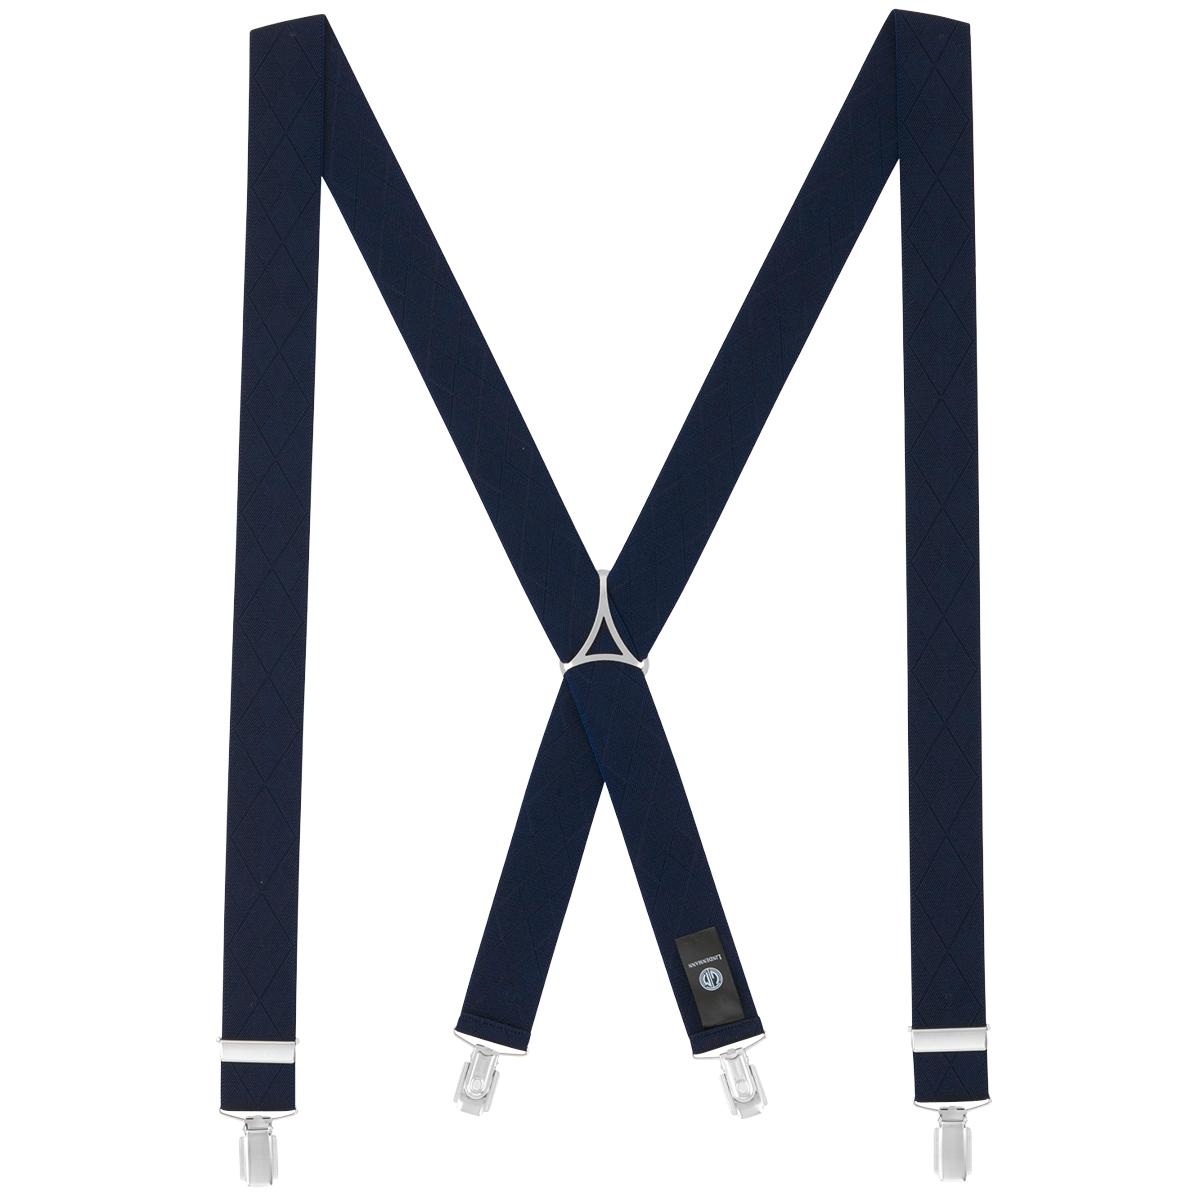 lindenmann hosentrager herren 35 mm breit x form herren hosentrager mit 4 clips langenverstellbar elastisch und flexibel